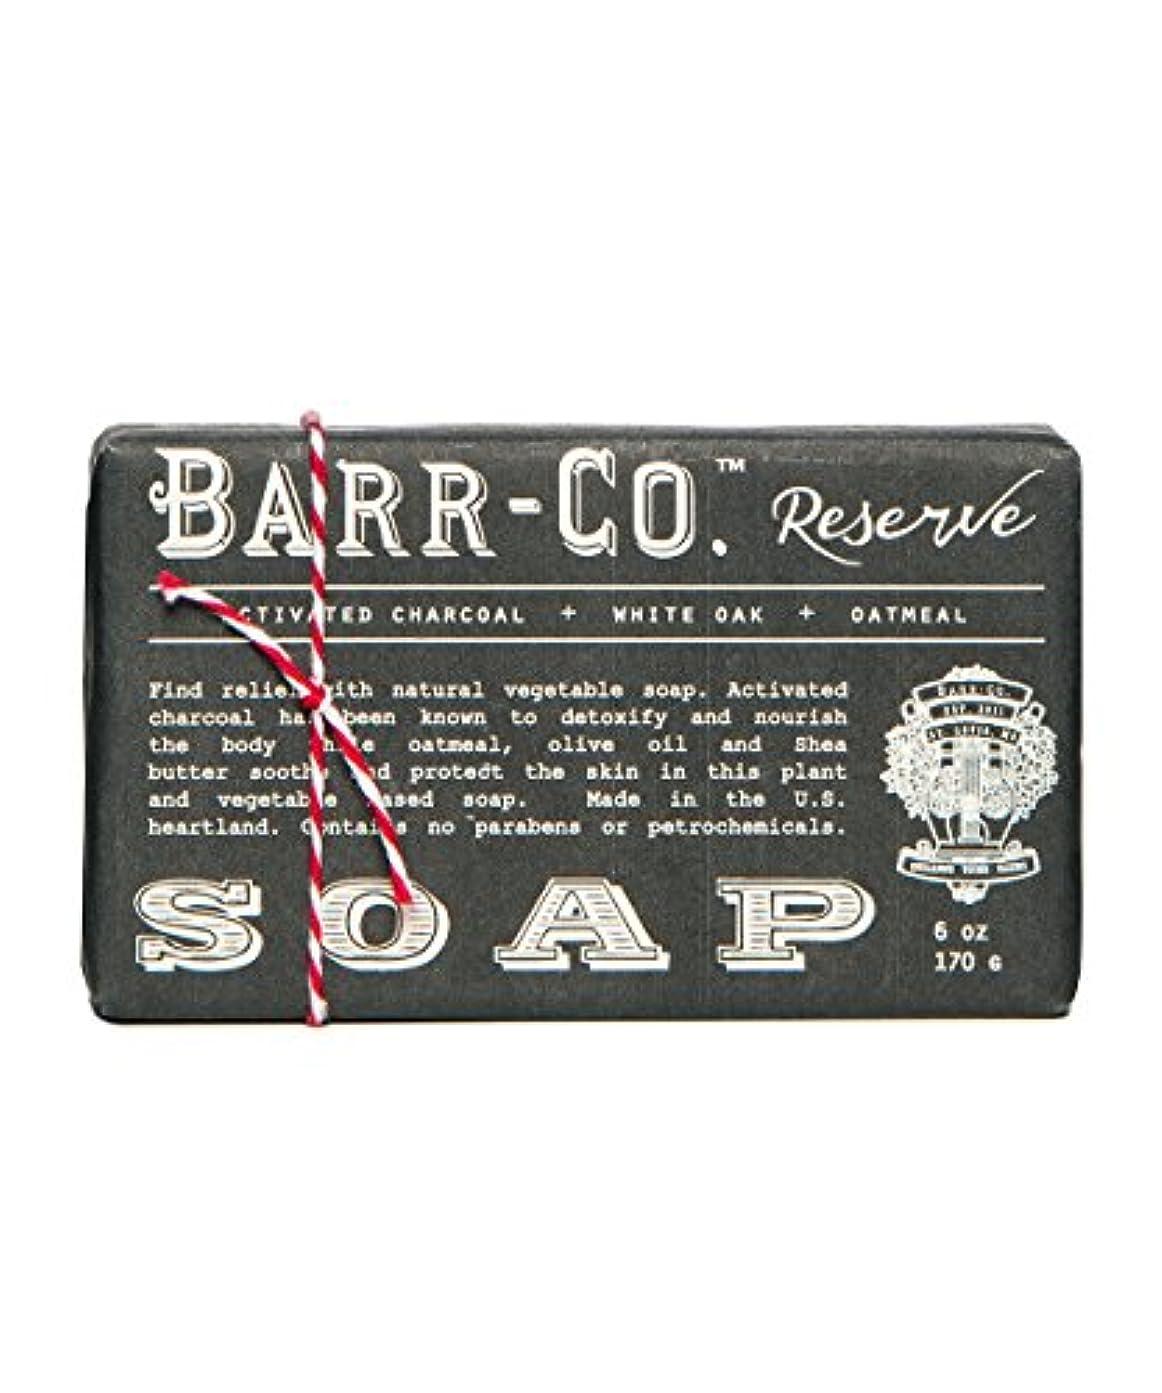 マウス干渉ヘルメットバーコ(BARR-CO.) バーソープ リザーブ